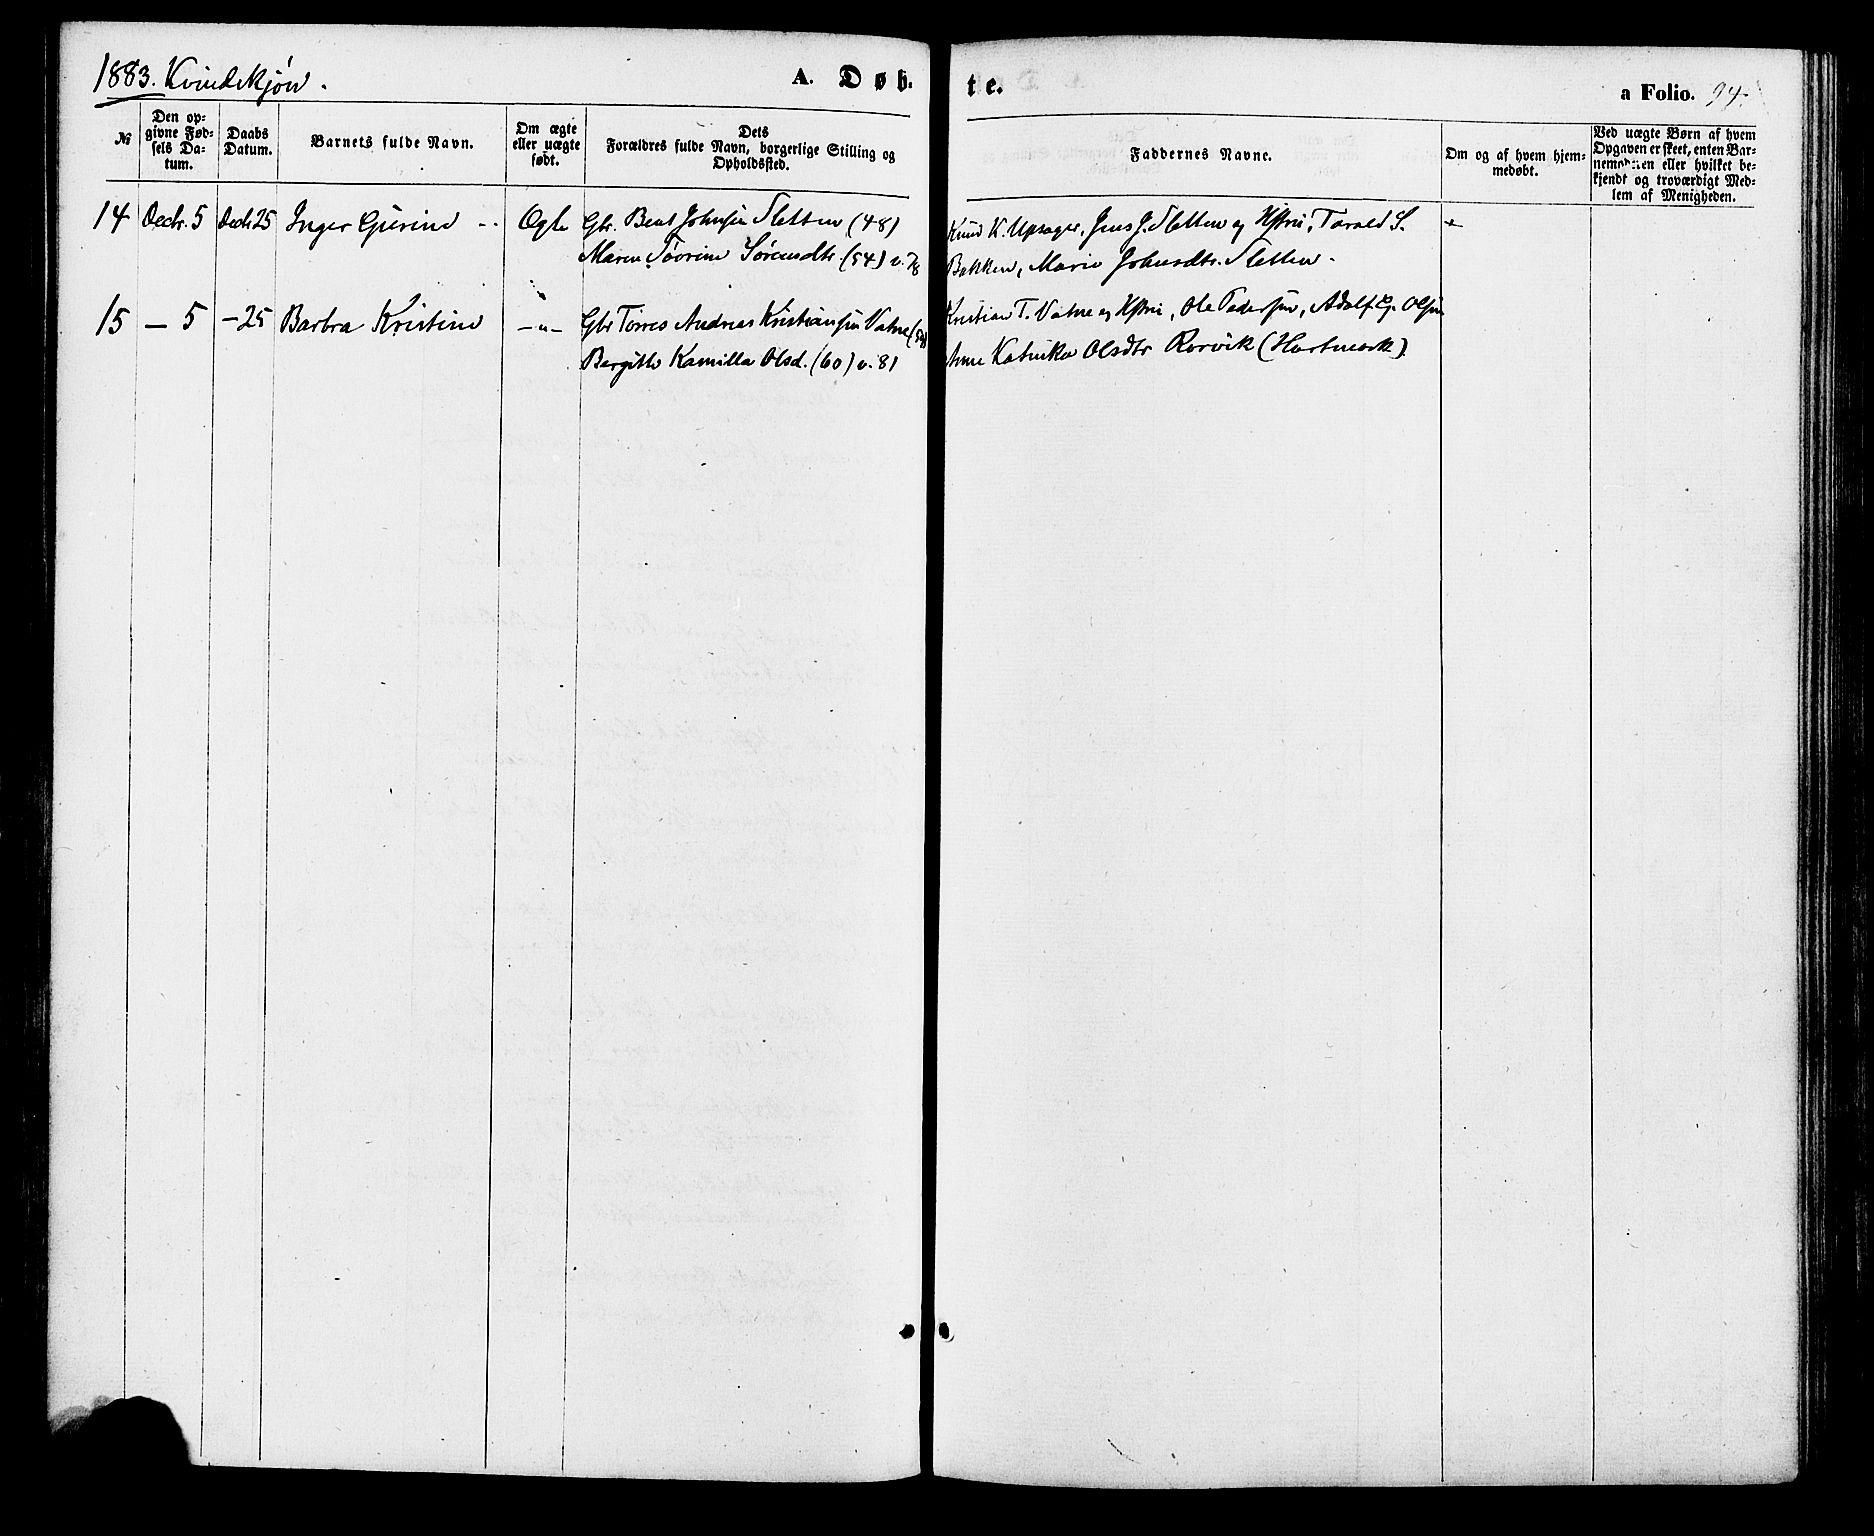 SAK, Holum sokneprestkontor, F/Fa/Faa/L0006: Ministerialbok nr. A 6, 1865-1883, s. 94